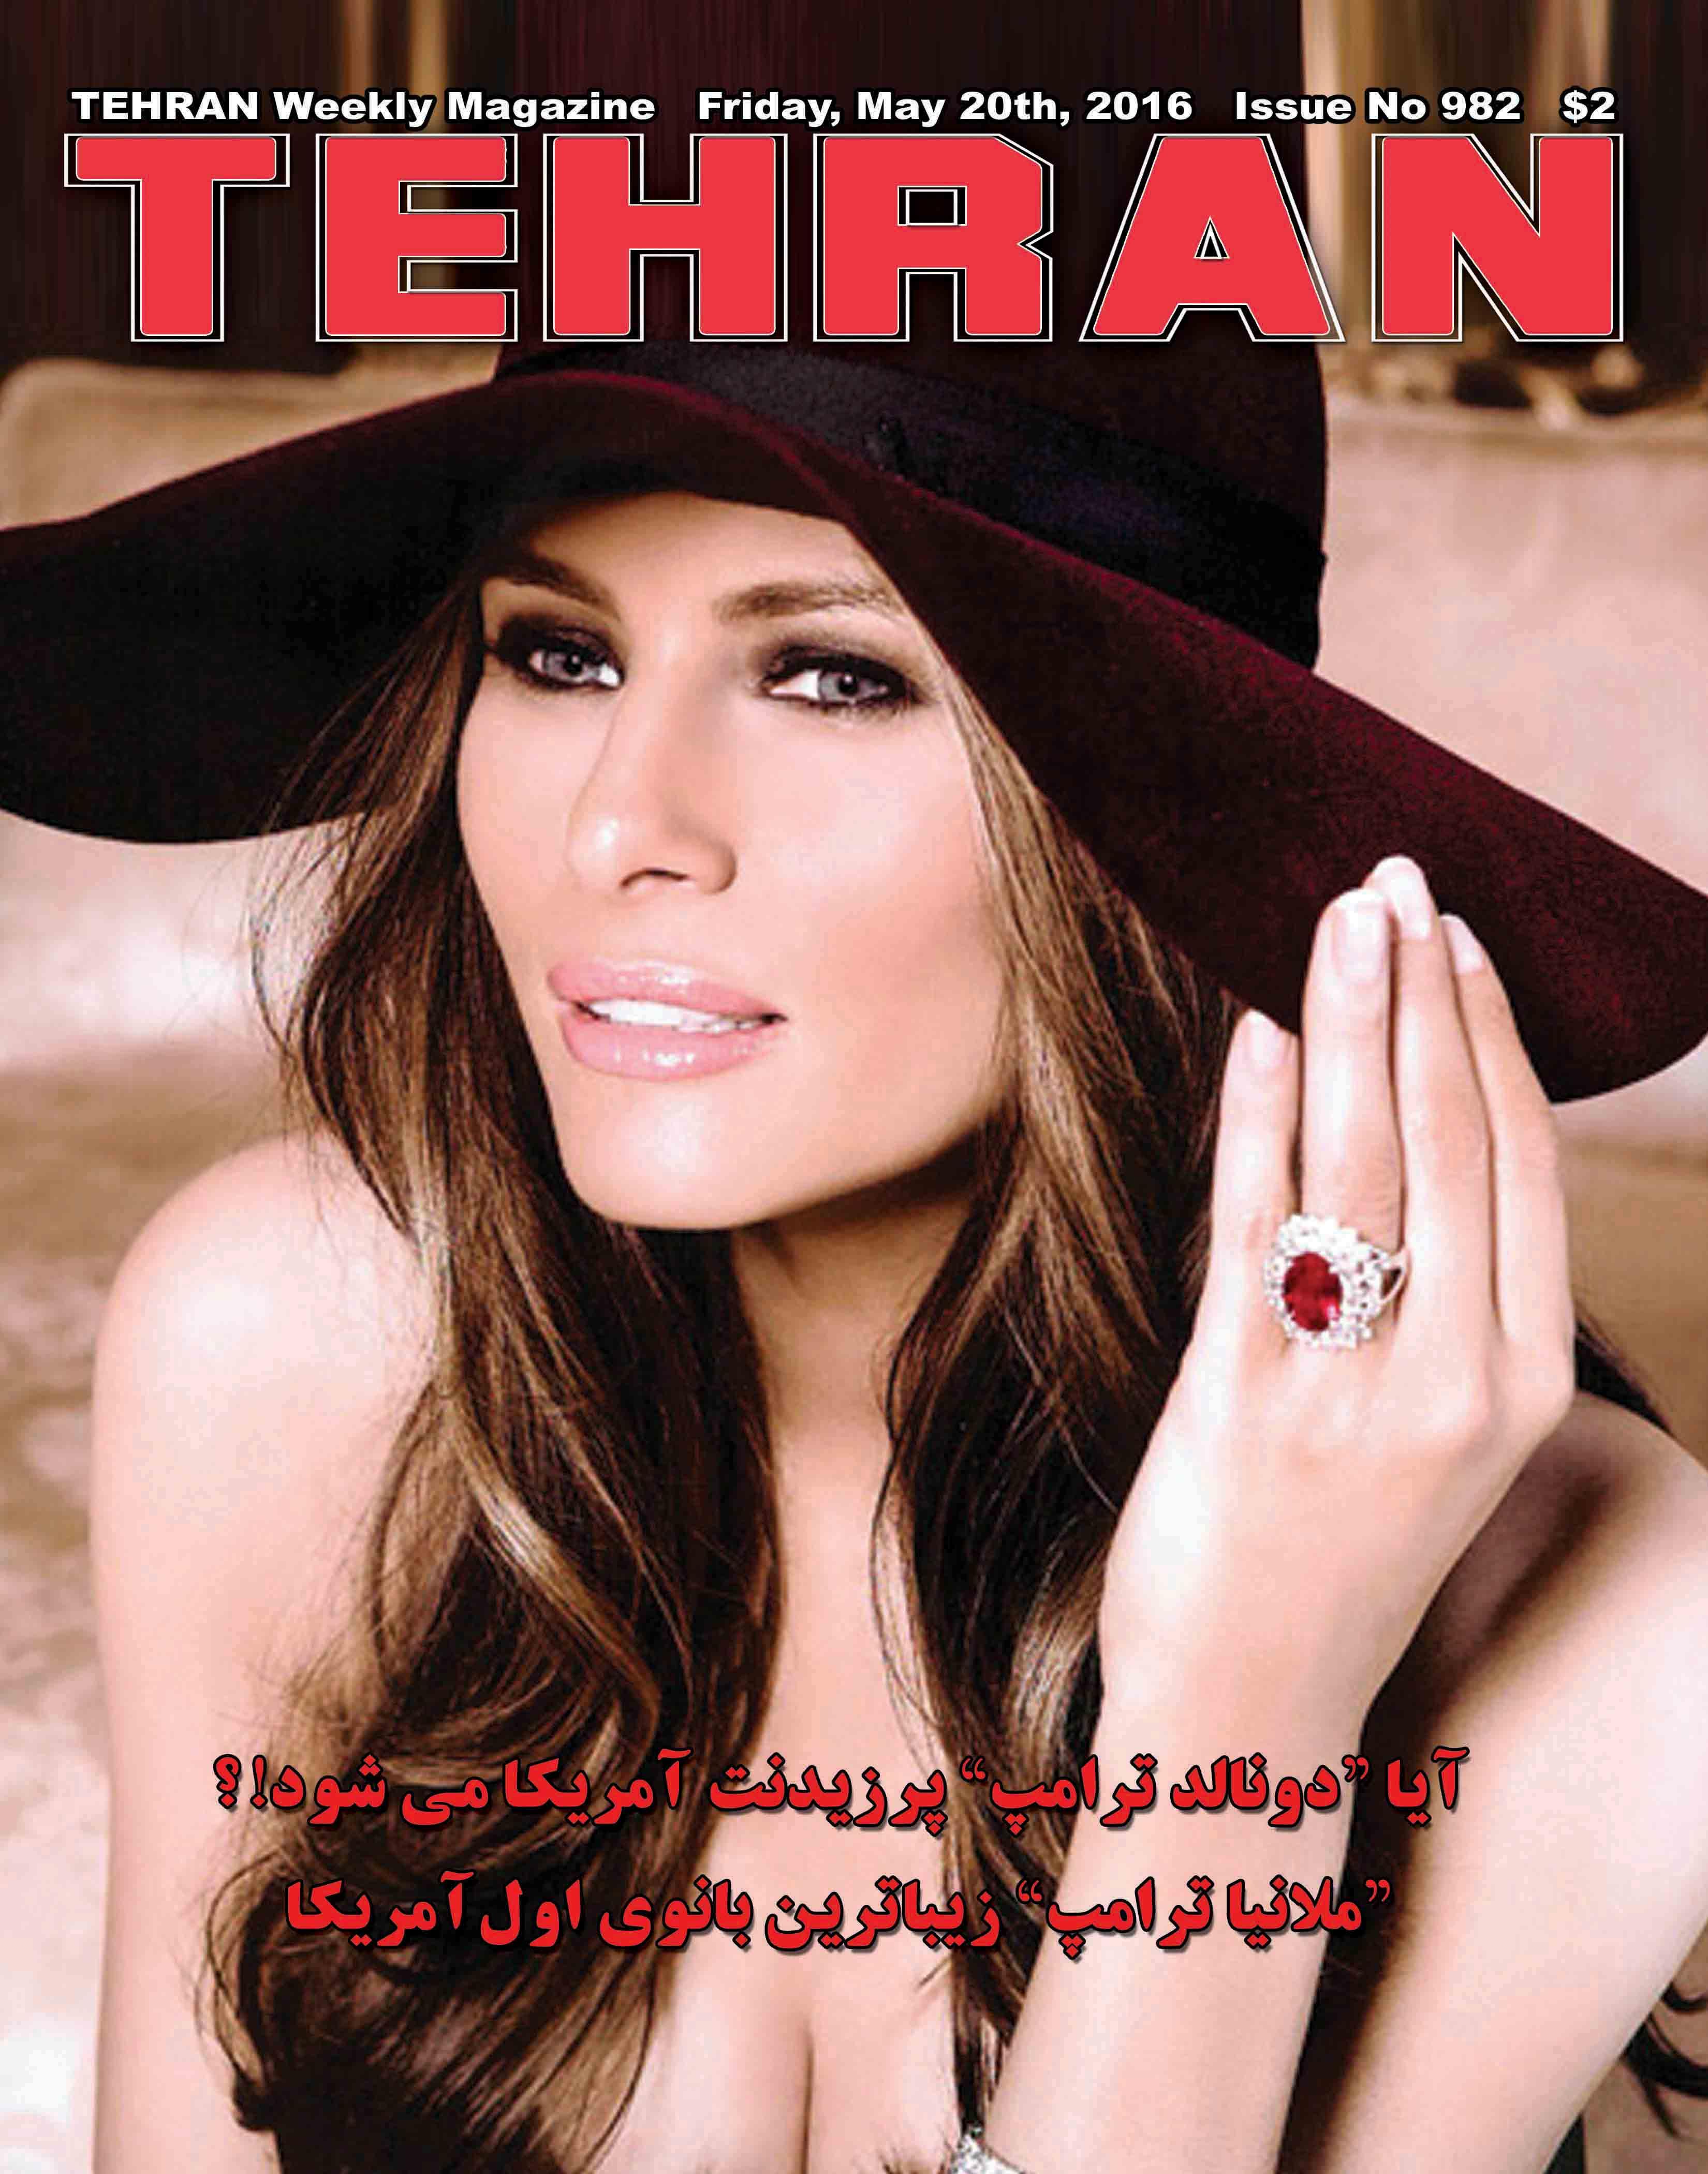 #tehranmagzine